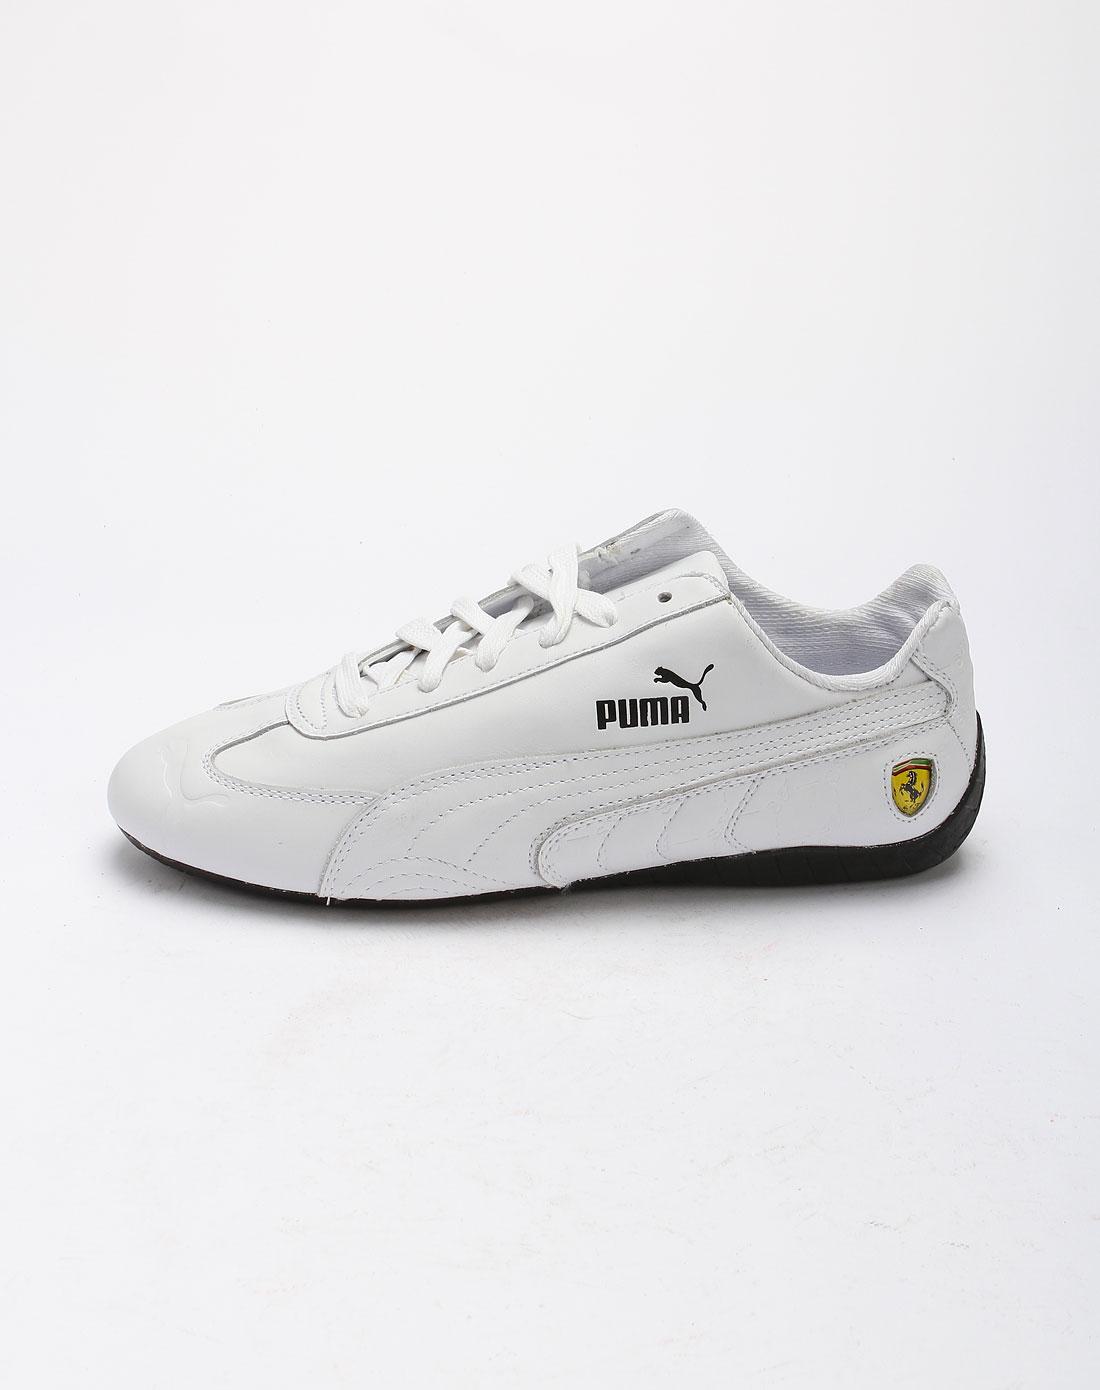 彪马puma男女鞋白色简约休闲运动鞋30388201